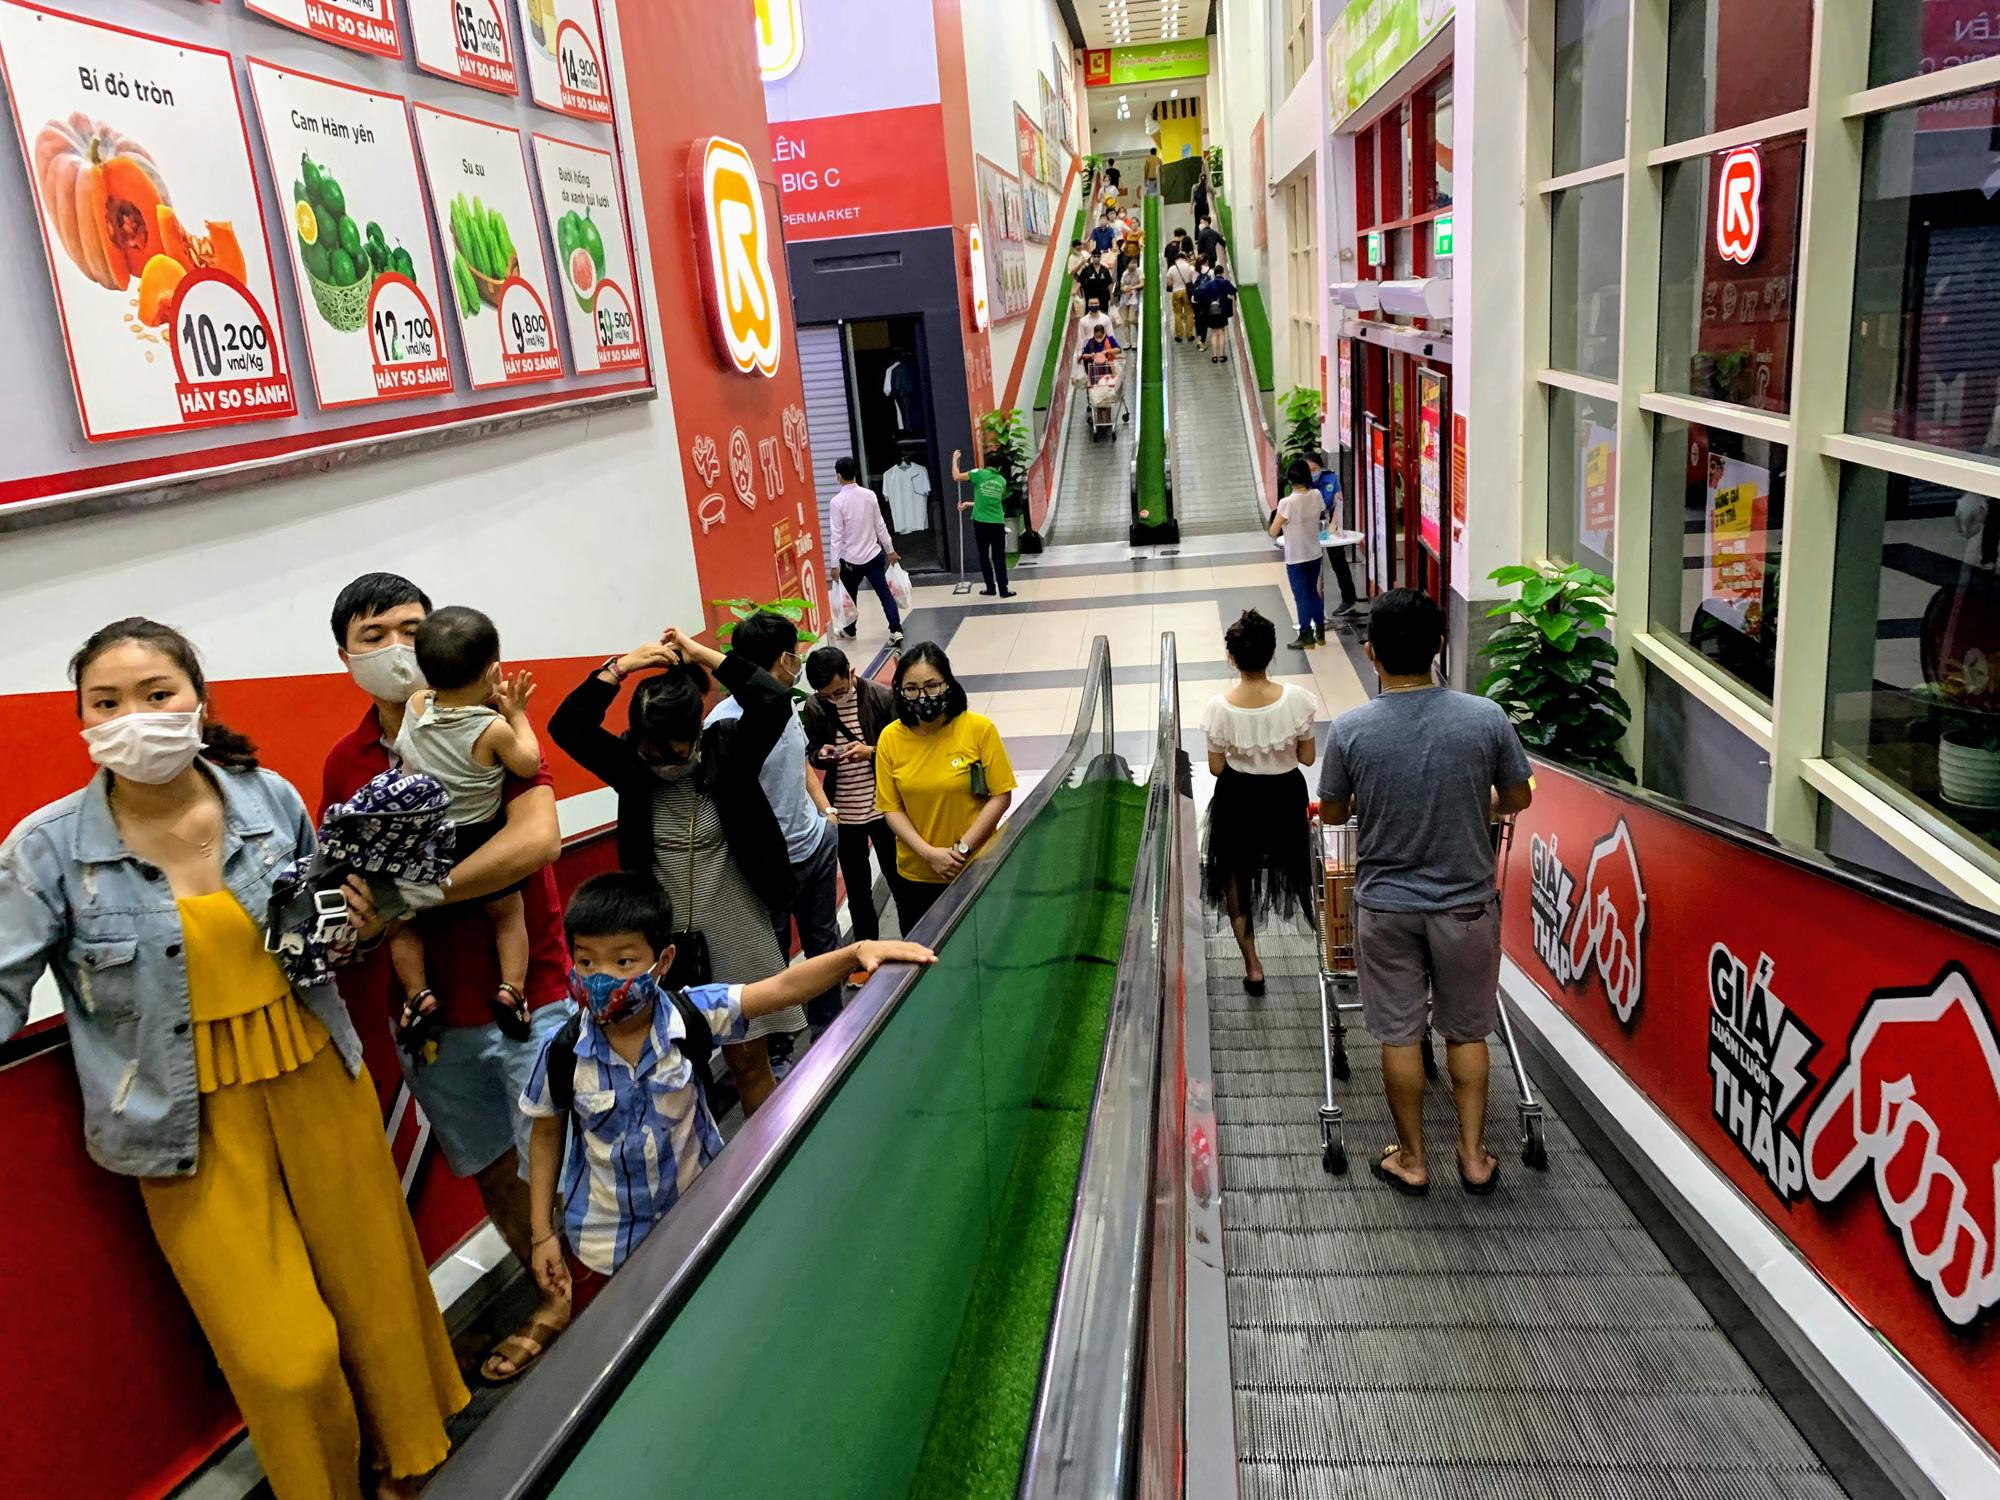 Trước giờ giới nghiêm, người Hà Nội ùn ùn kéo về siêu thị, mua sạch mì tôm, thực phẩm, giấy vệ sinh - Ảnh 1.